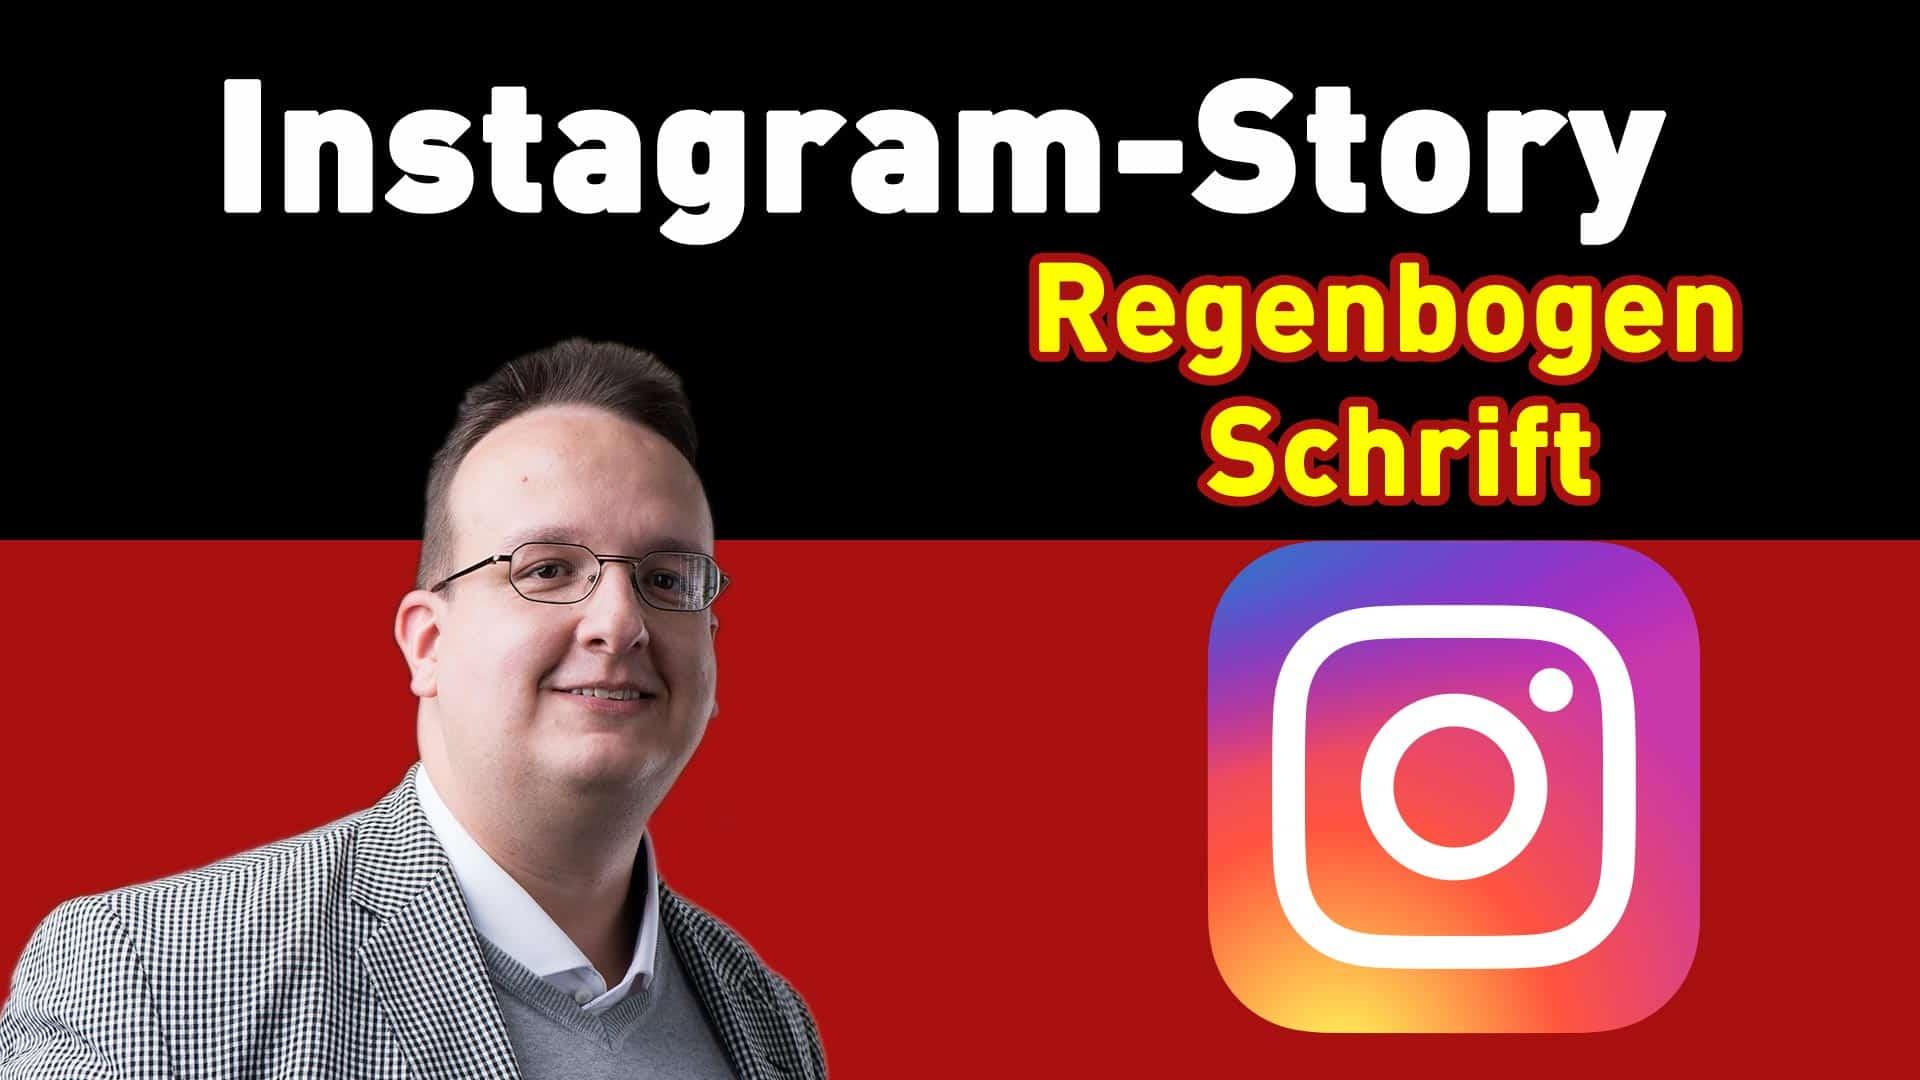 Instagram Story: Wie erstellt man eine Regenbogen Schrift?